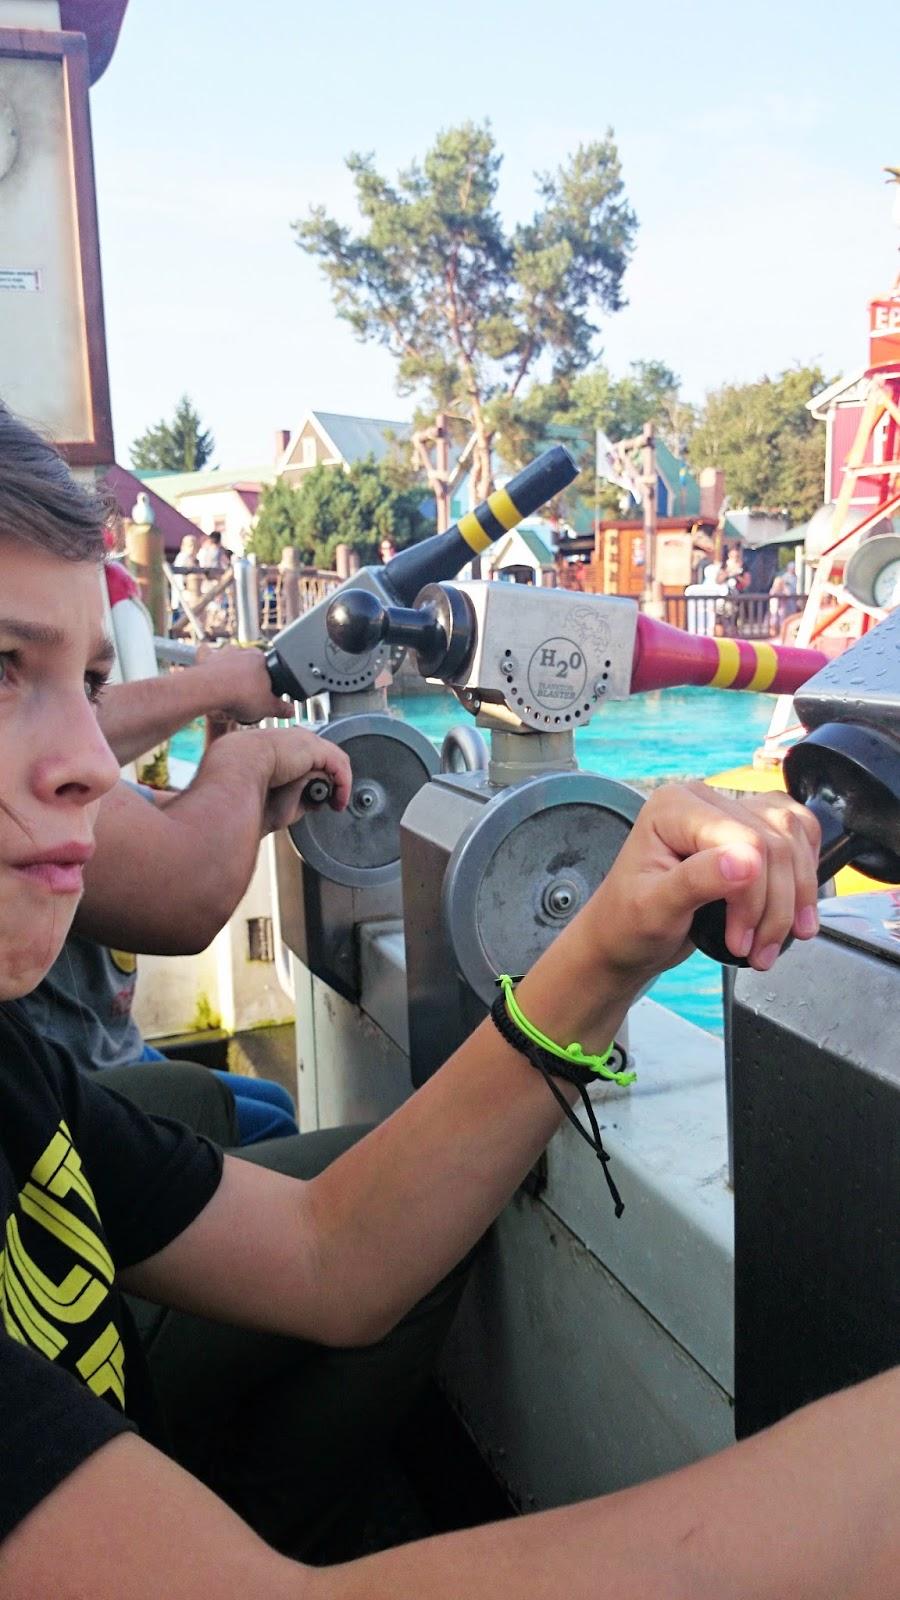 park rozrywki,aquapark,pontony,zabawa na wodzie,statki na wodę,zabawa z wodą,dzieci,wakacje 2014